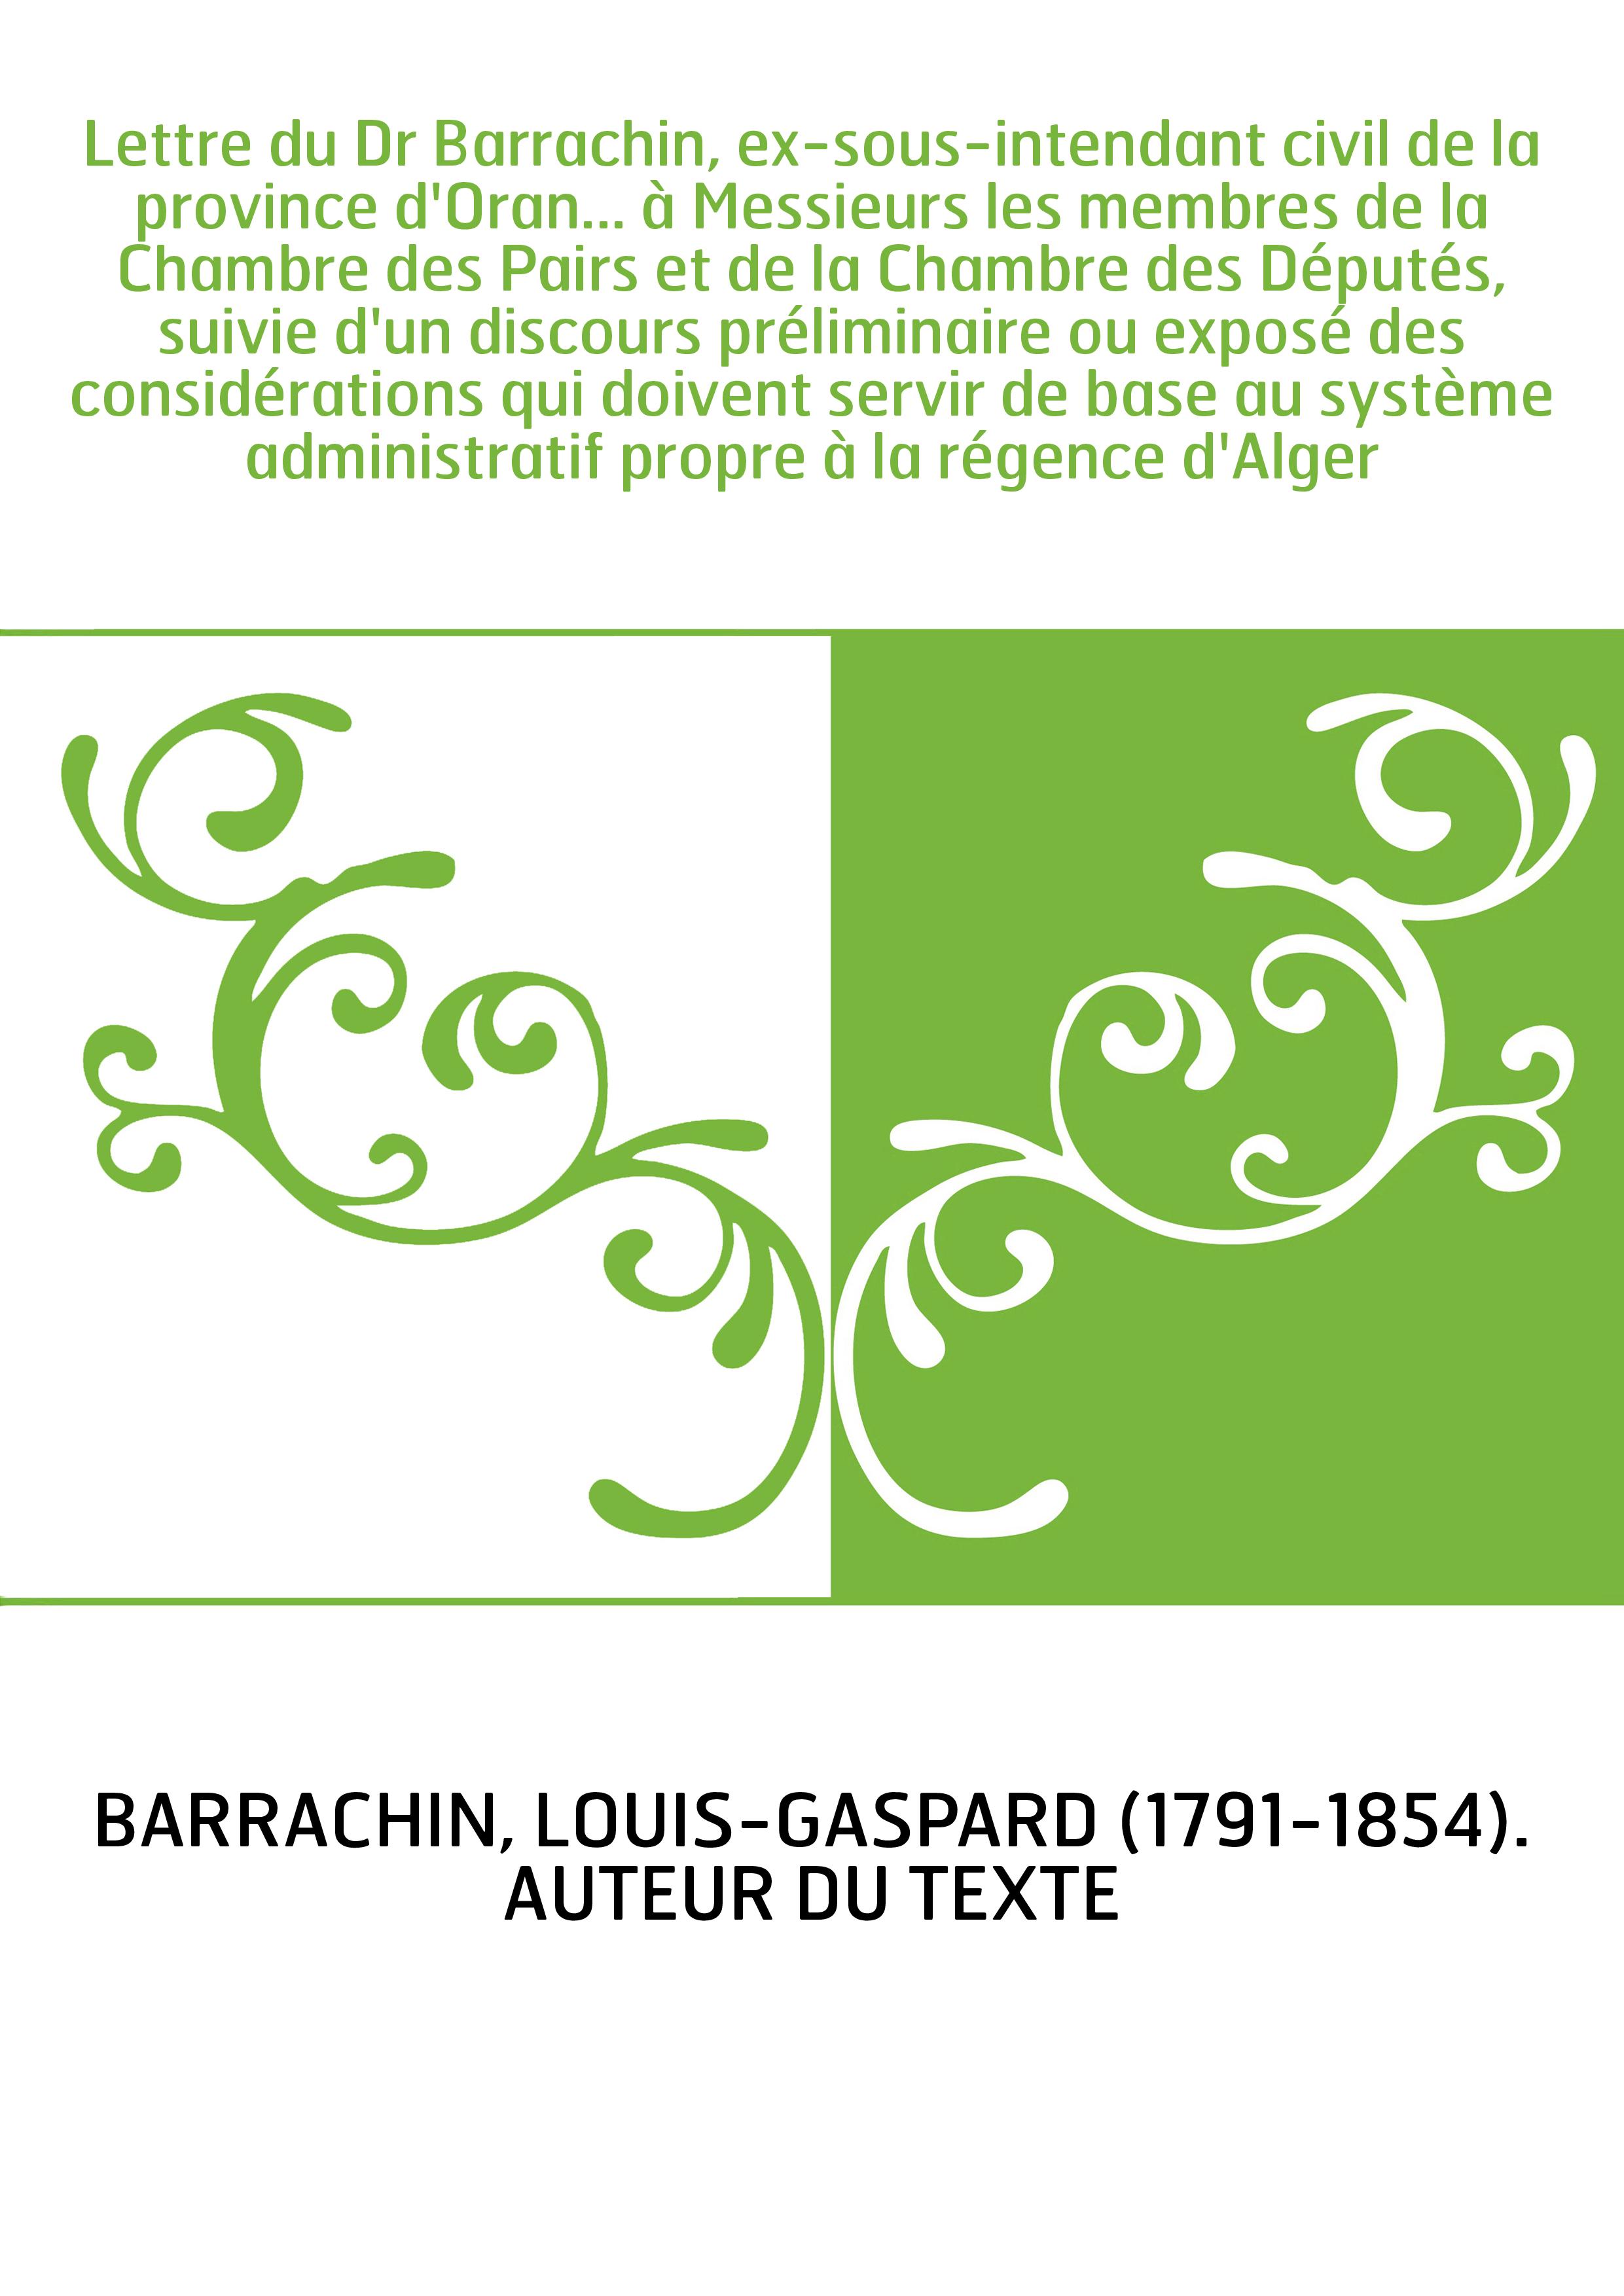 Lettre du Dr Barrachin, ex-sous-intendant civil de la province d'Oran... à Messieurs les membres de la Chambre des Pairs et de l